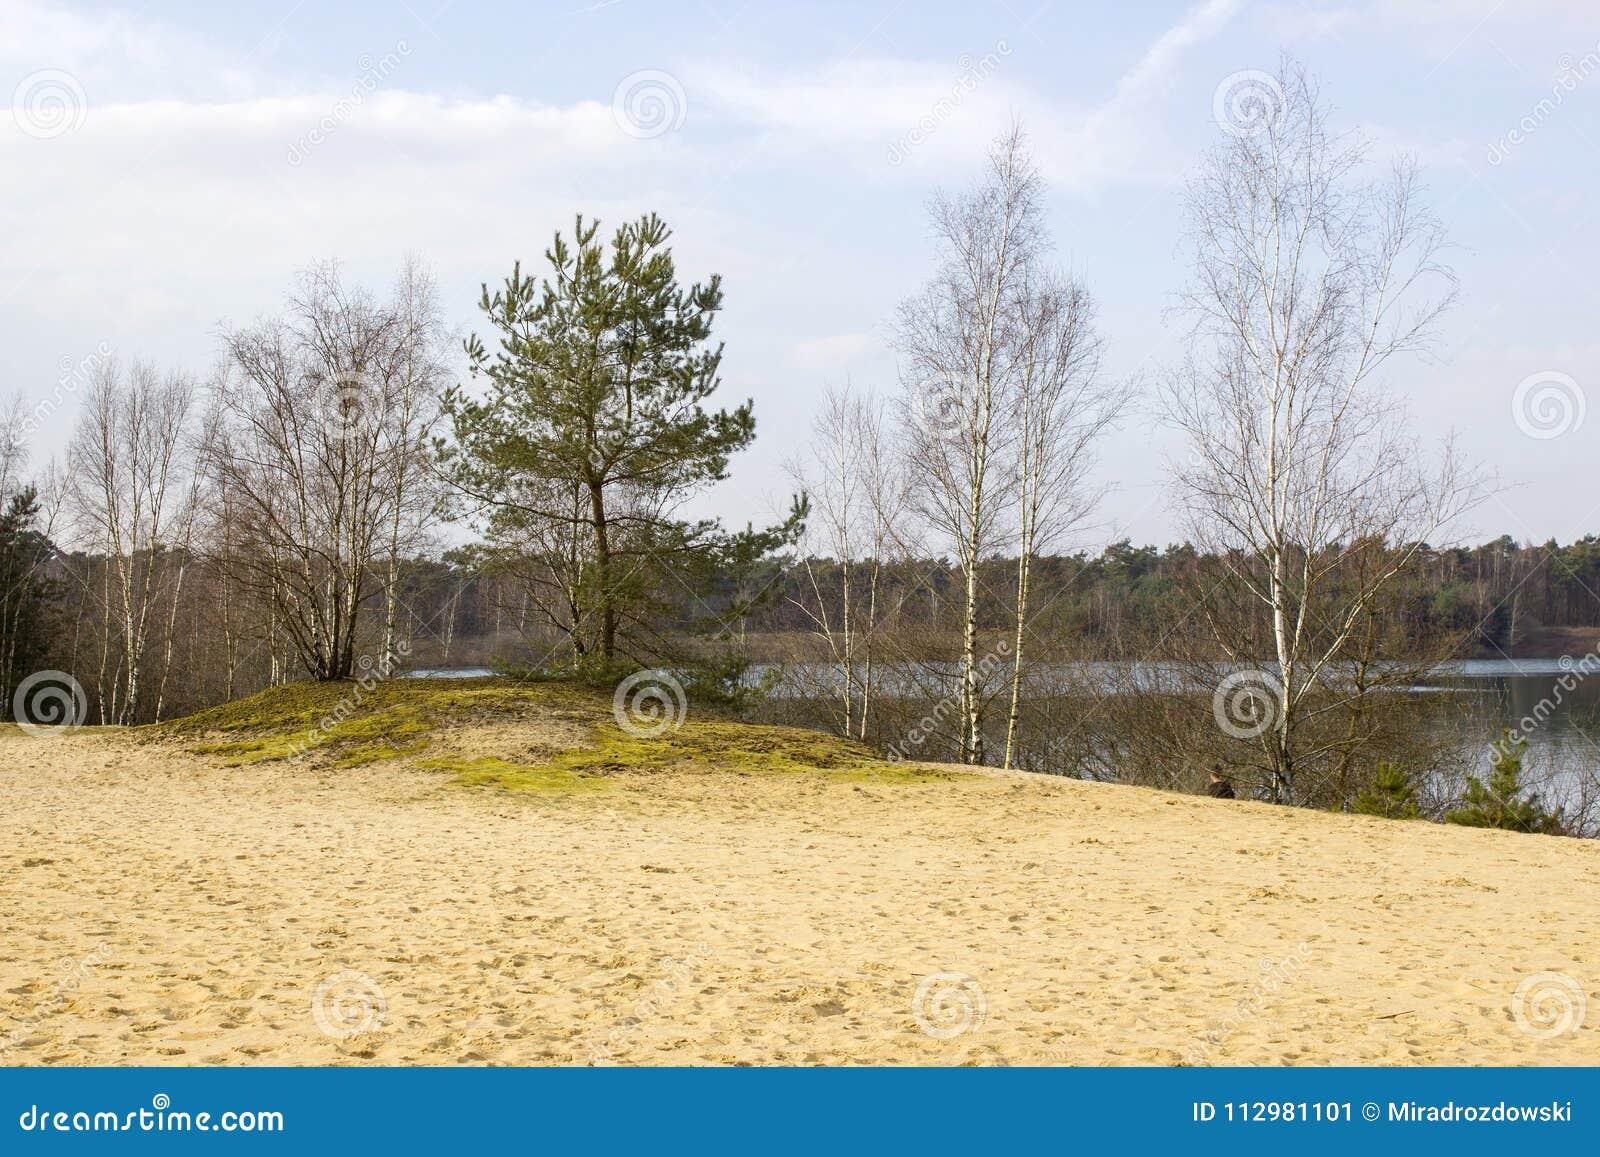 National Park Maasduinen, Netherlands